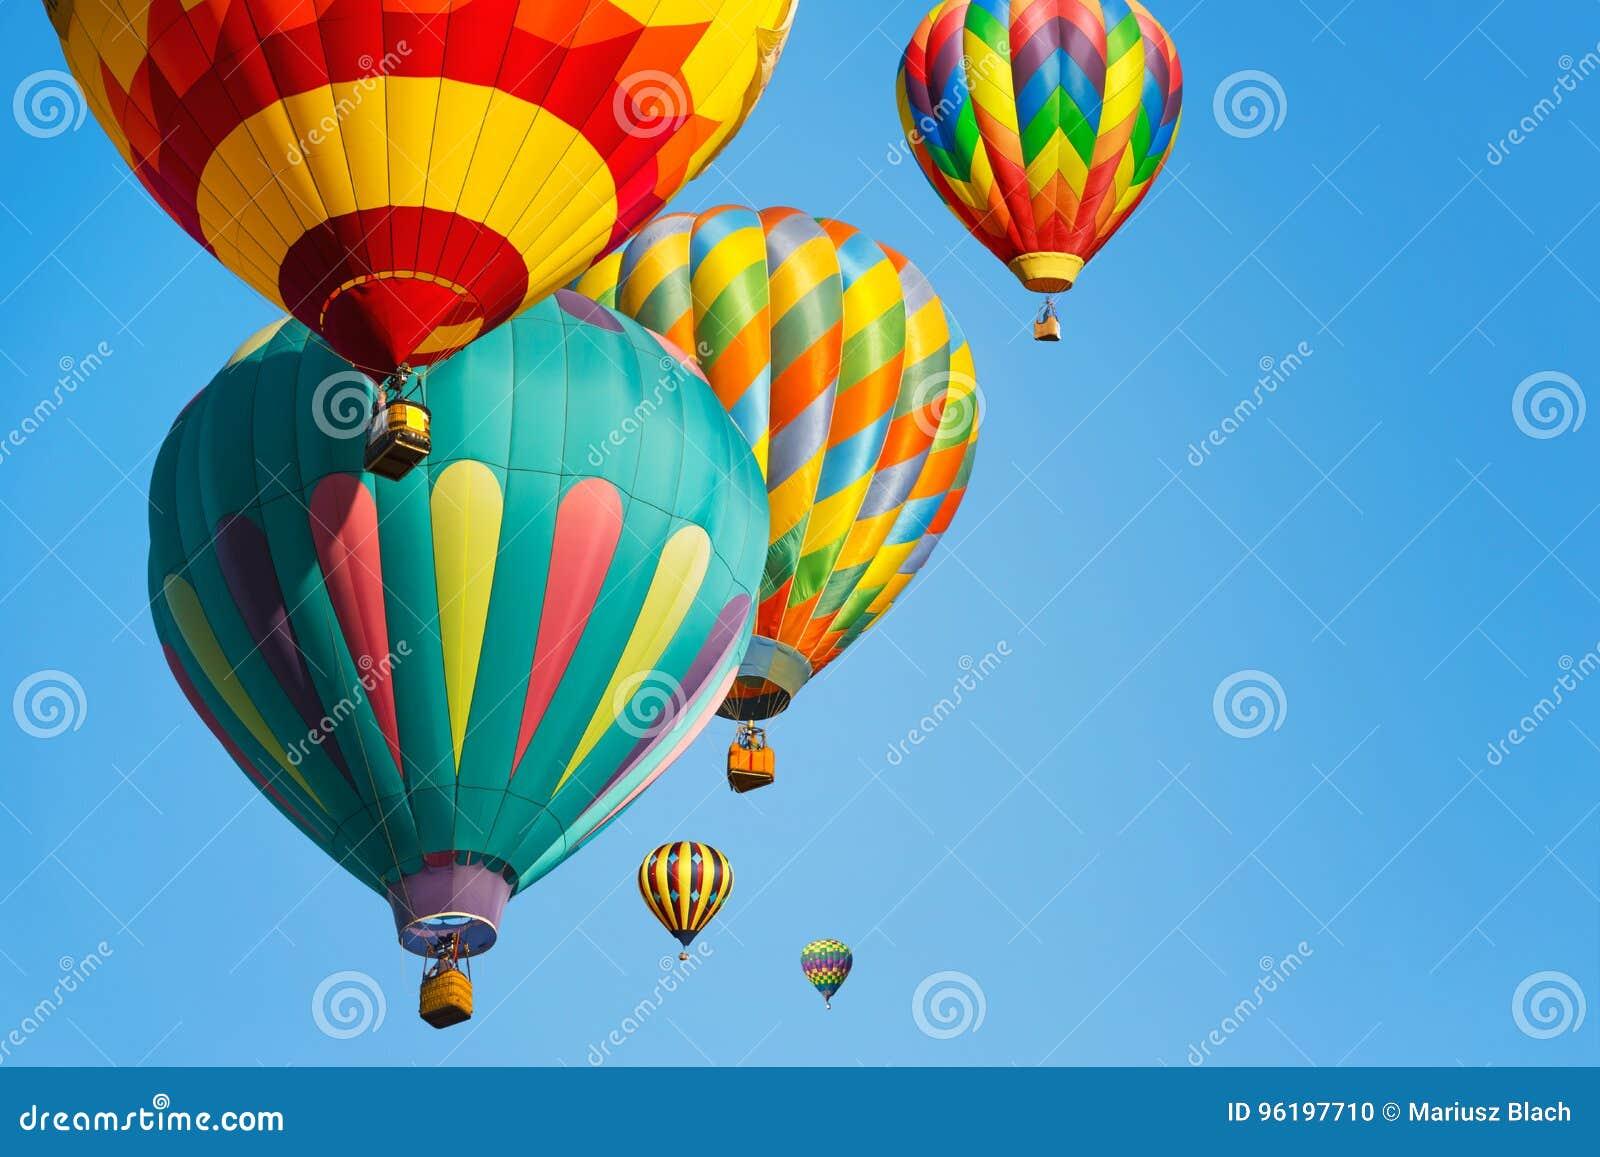 Πολυ χρωματισμένα μπαλόνια ζεστού αέρα